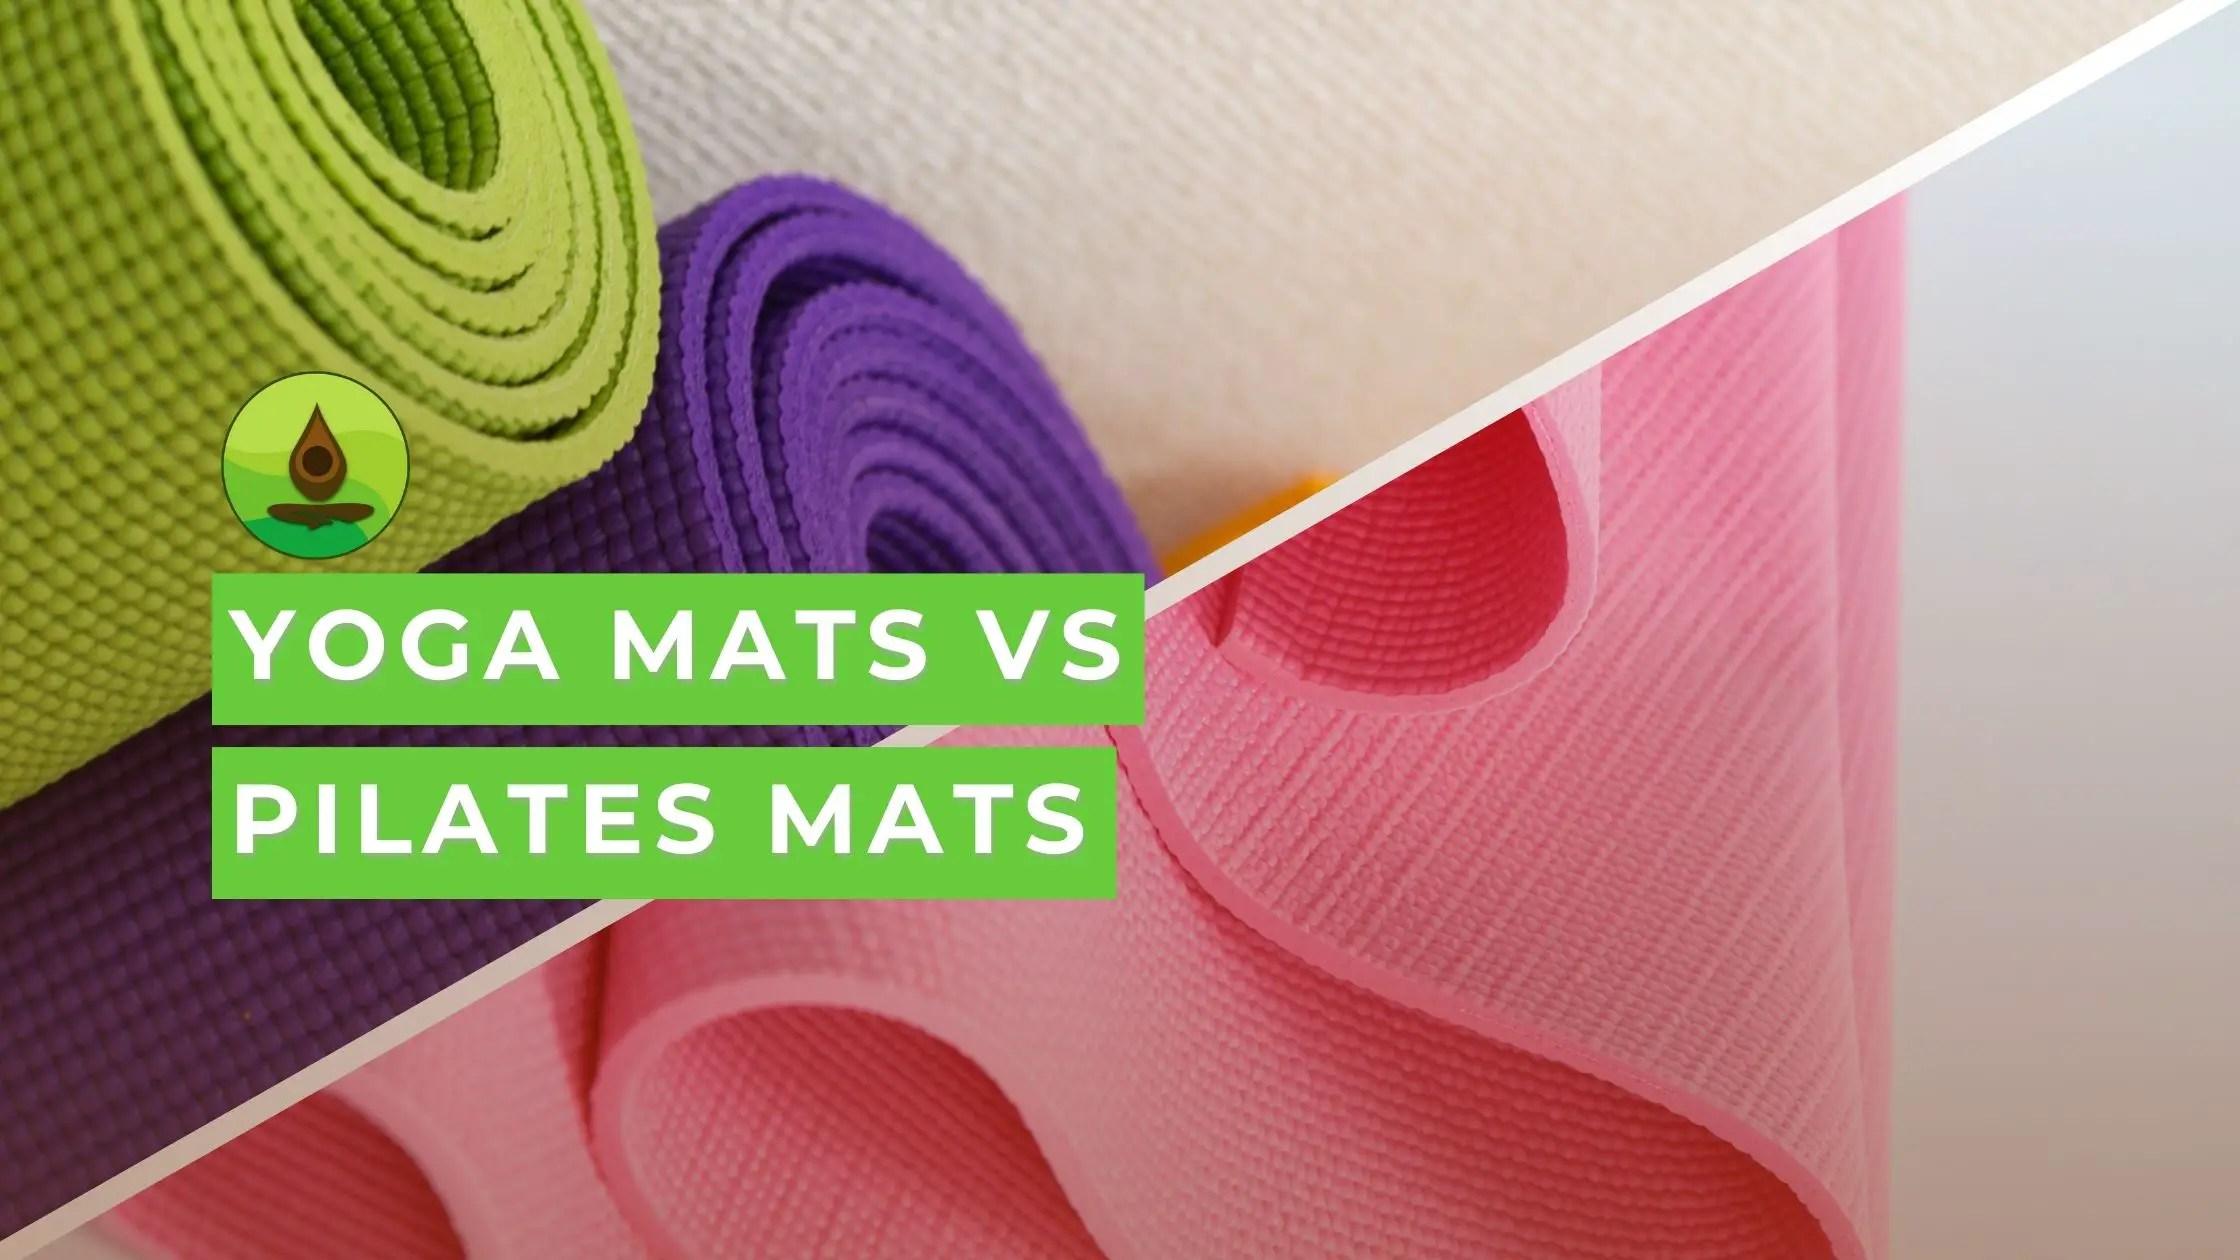 Yoga Mats Pilates Mats